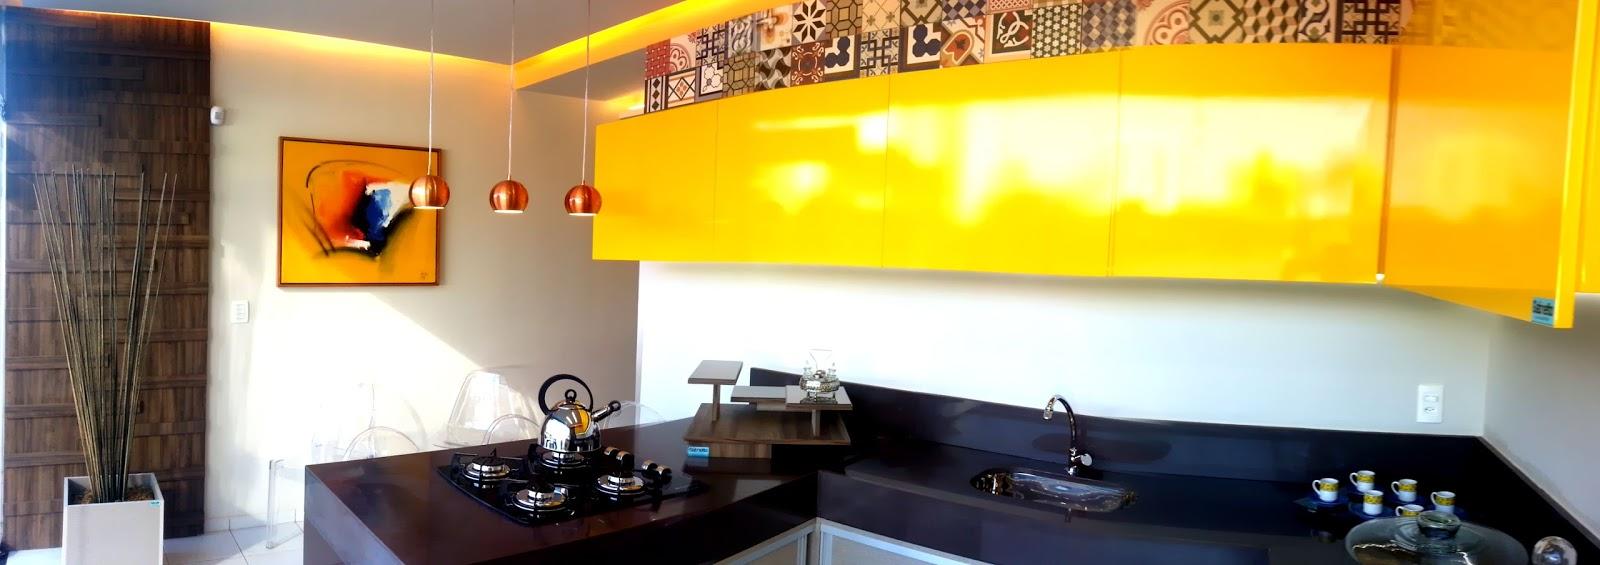 decoracao de interiores moveis planejados:SHOW ROOM GABINETTO Móveis Planejados – DECORAÇÃO DE INTERIORES